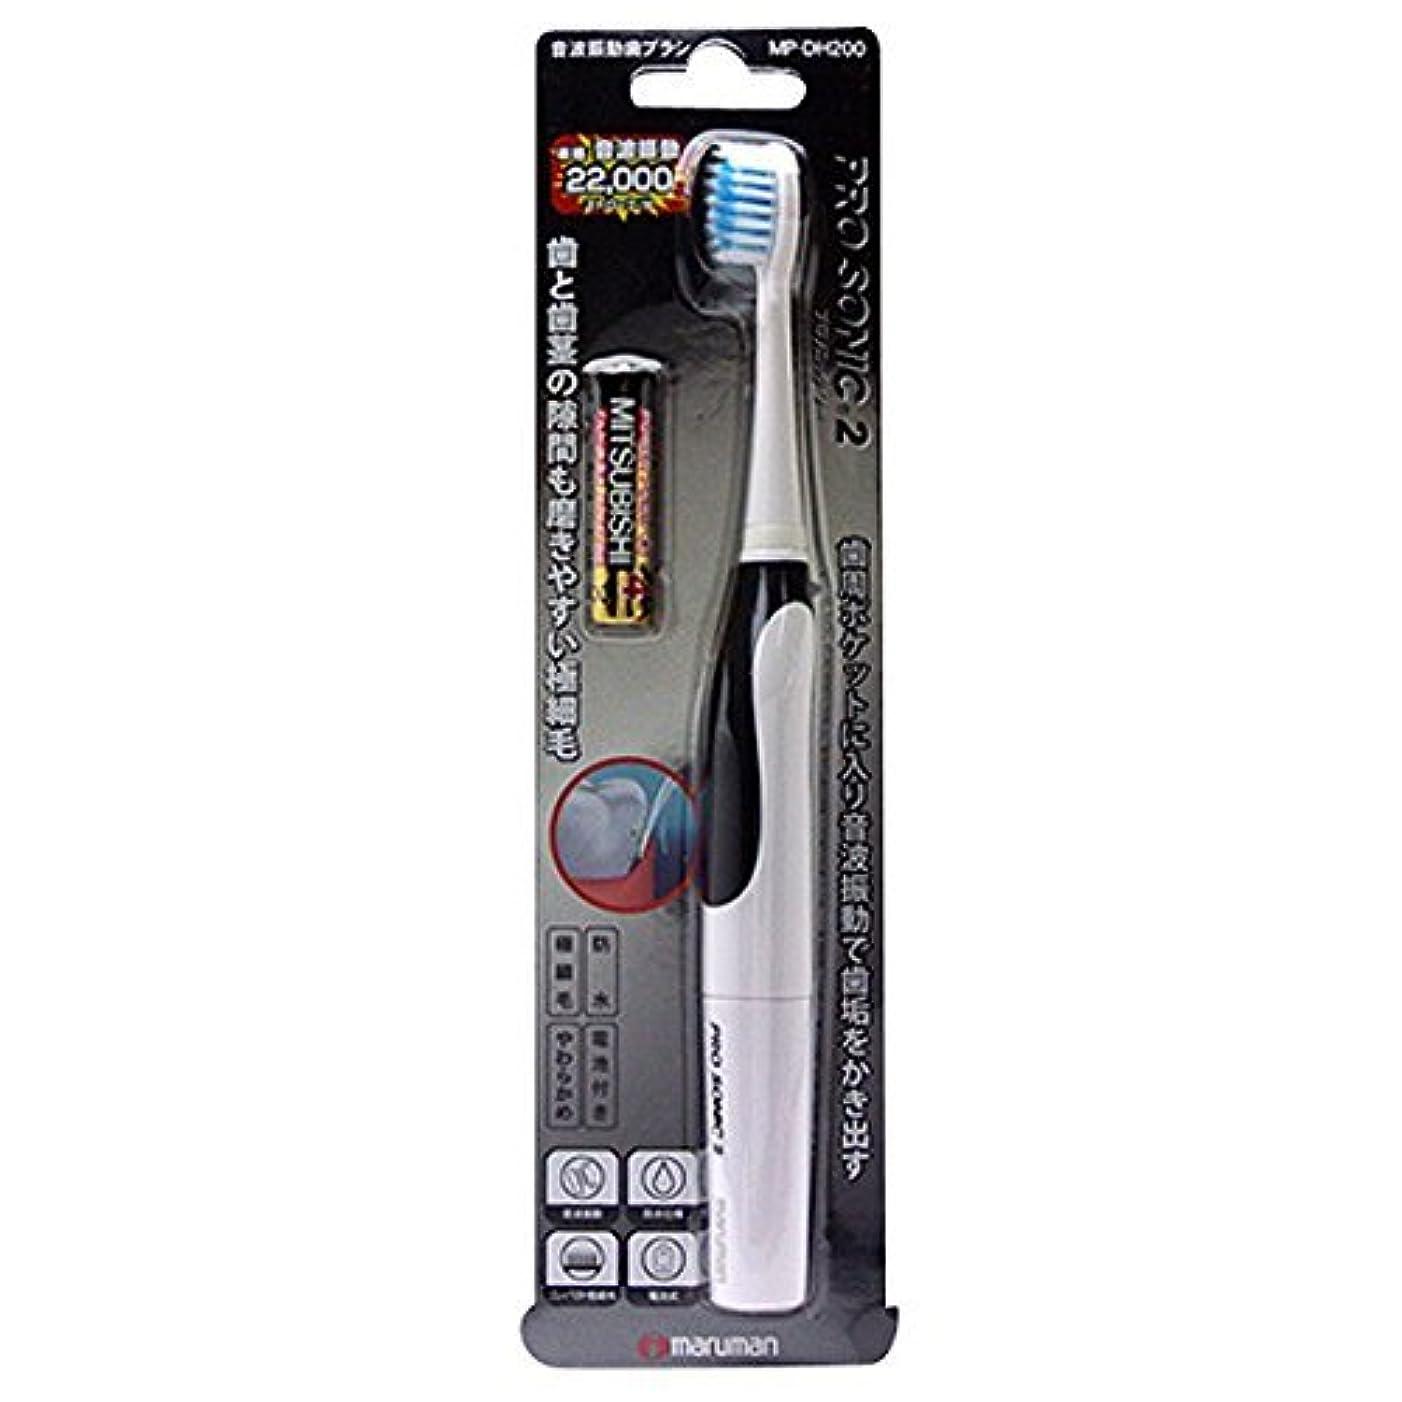 トーン表面先史時代の音波振動歯ブラシ PROSONIC2(プロソニック ツー) MP-DH200BK ブラック